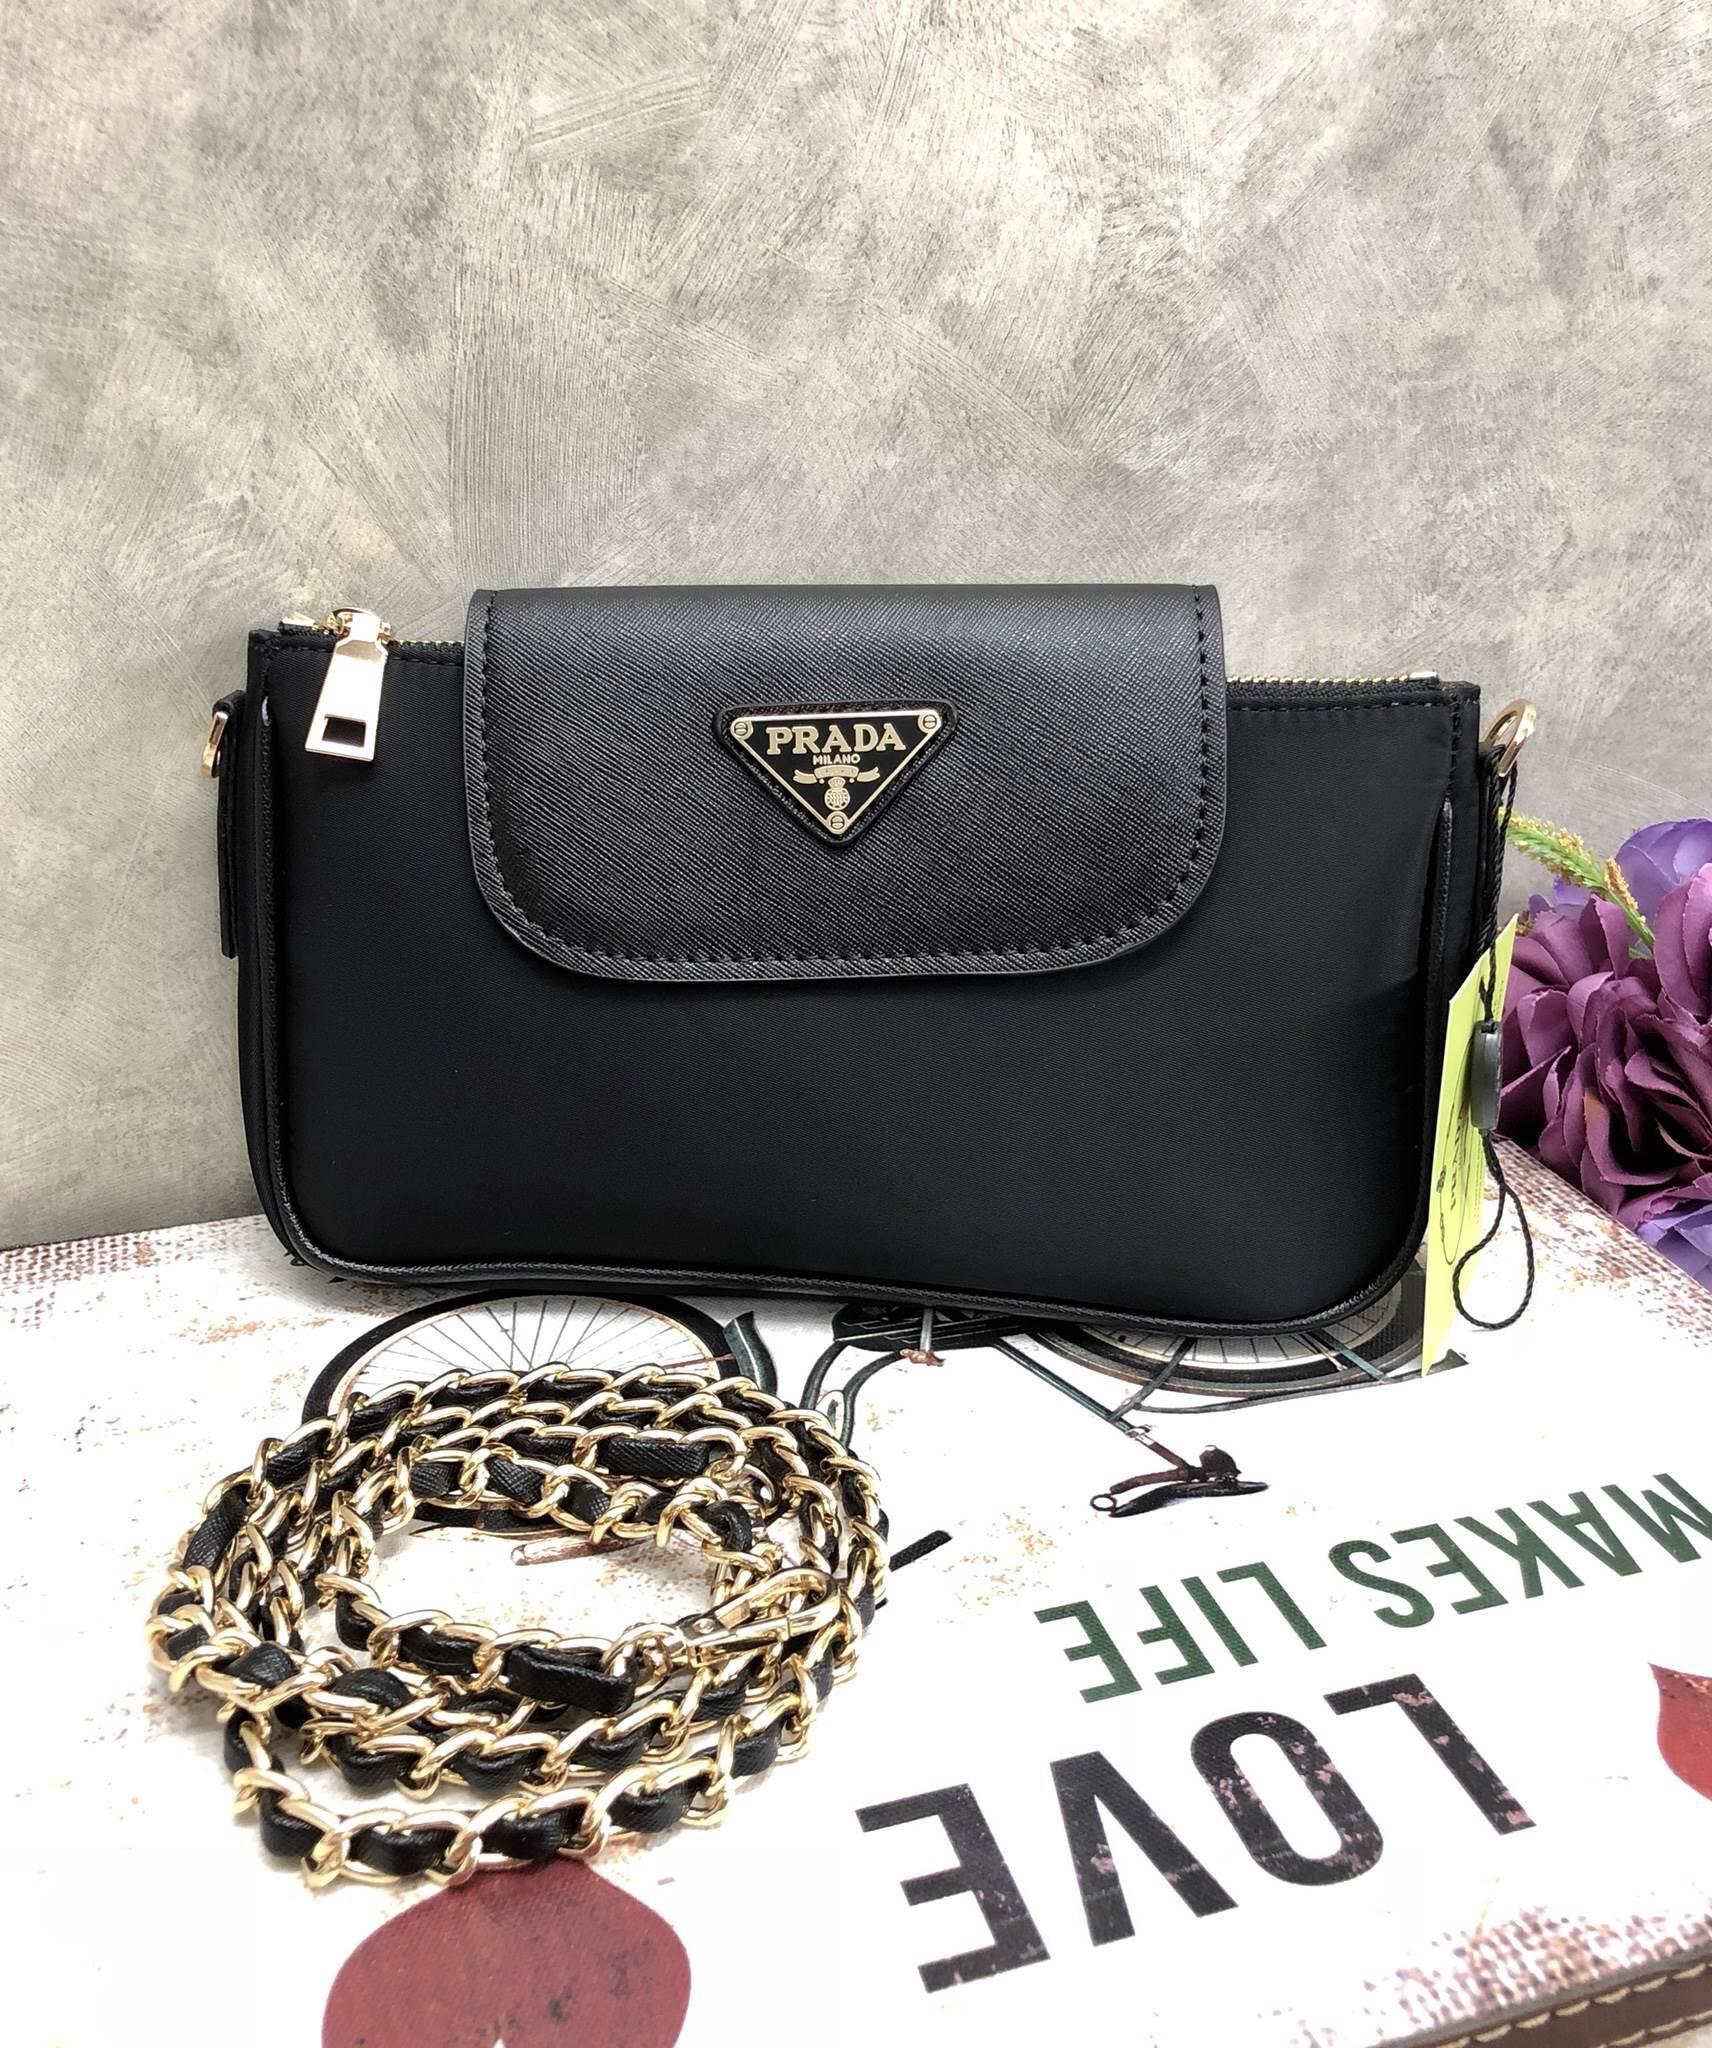 Prada Primium gift กระเป๋าสะพายข้างหรือถอดสาย*สีดำ